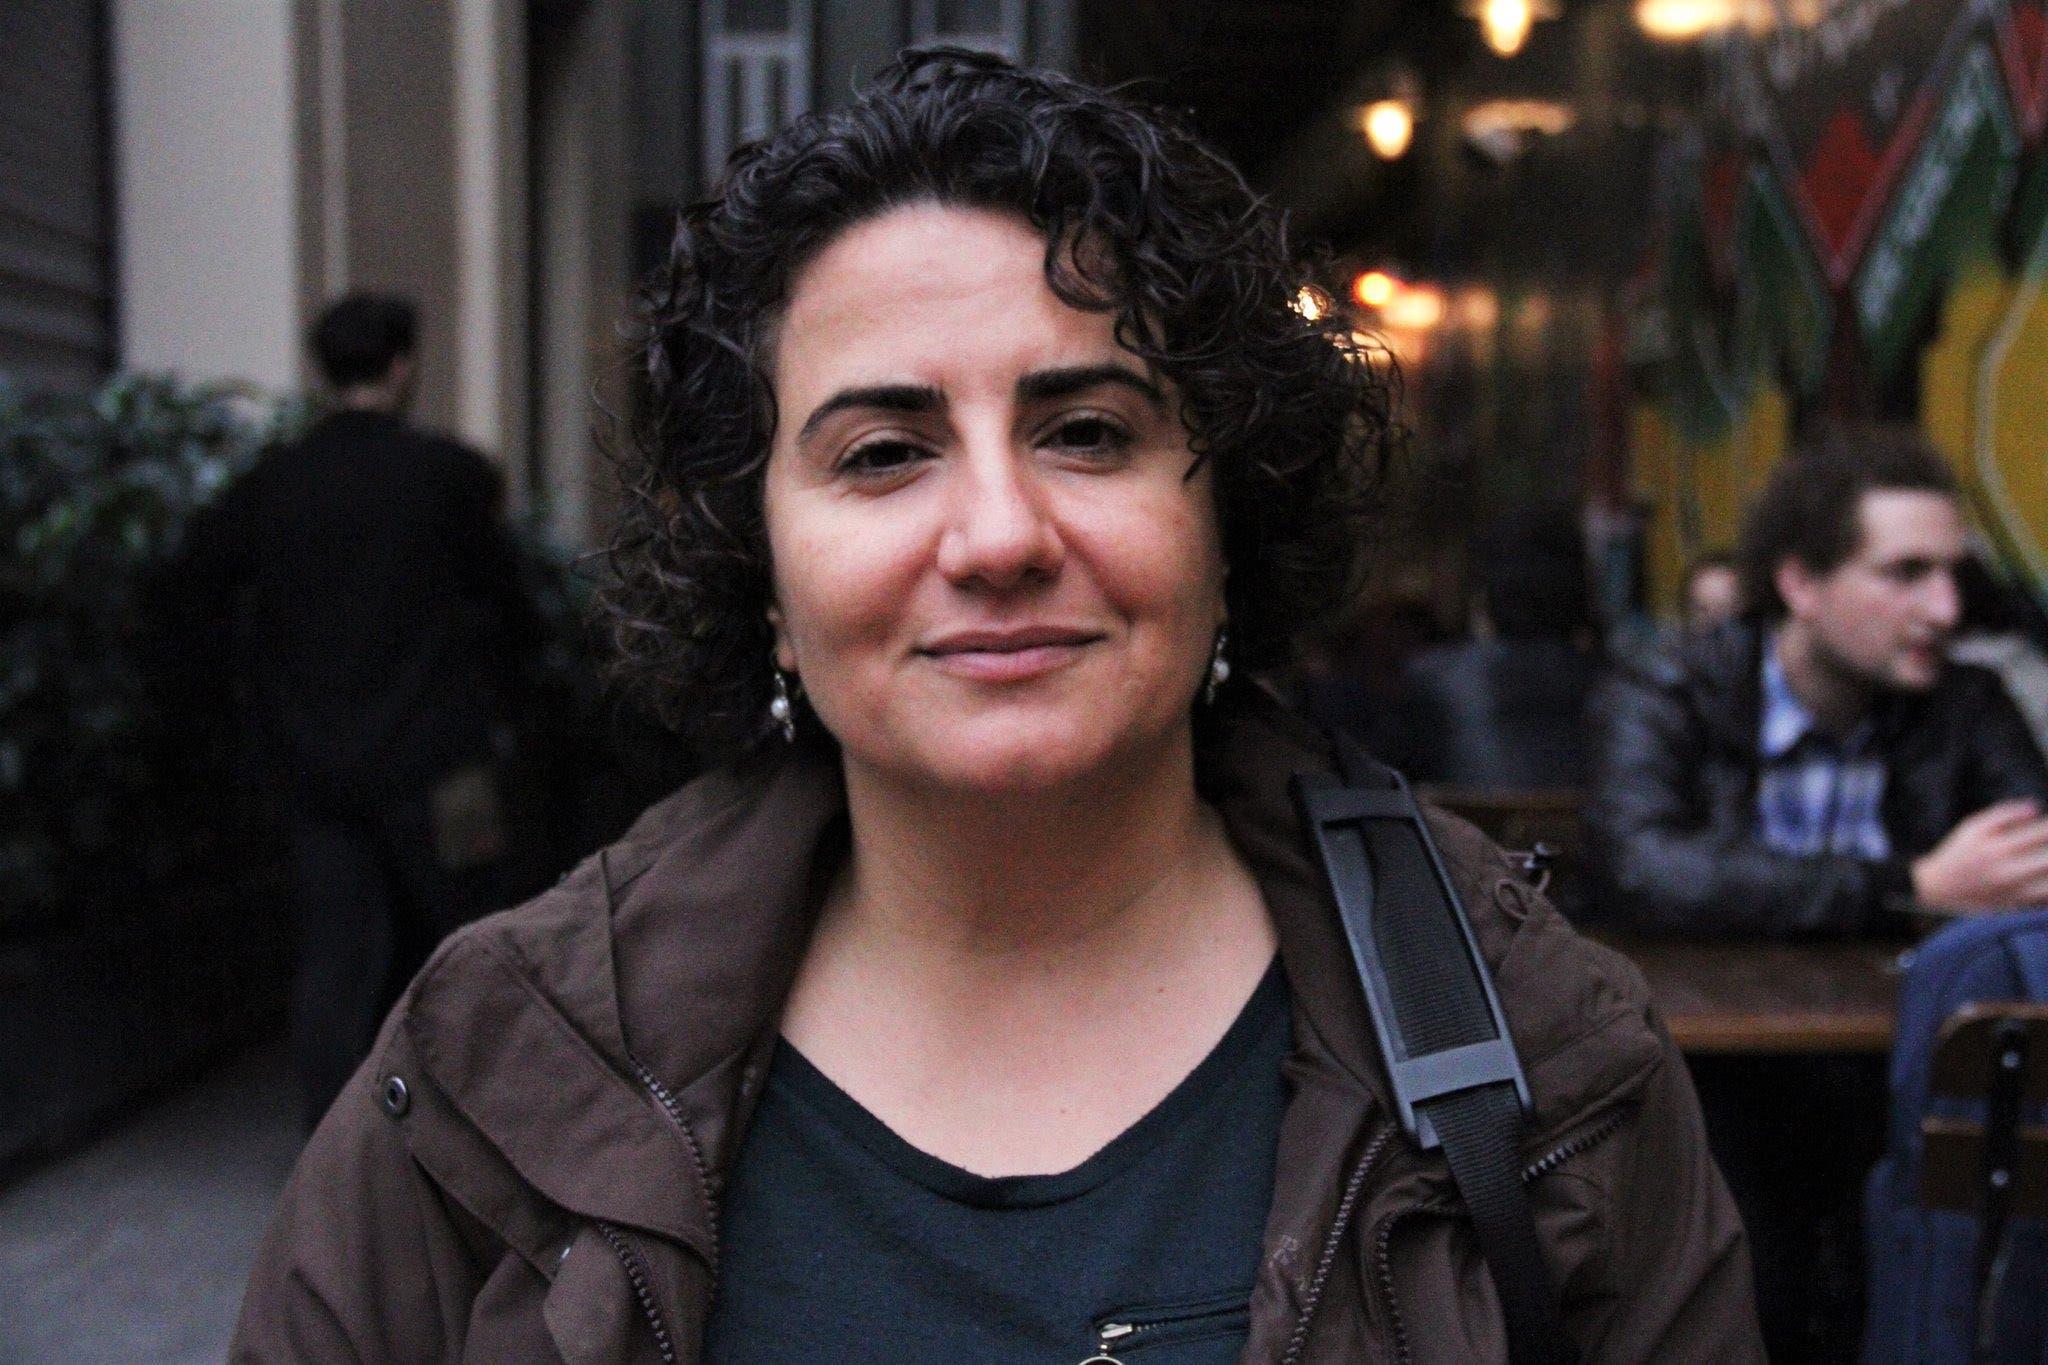 إبرو تيمتك فقدت حياتها بعد 238 يوماً من إضرابٍ مفتوحٍ عن الطعام